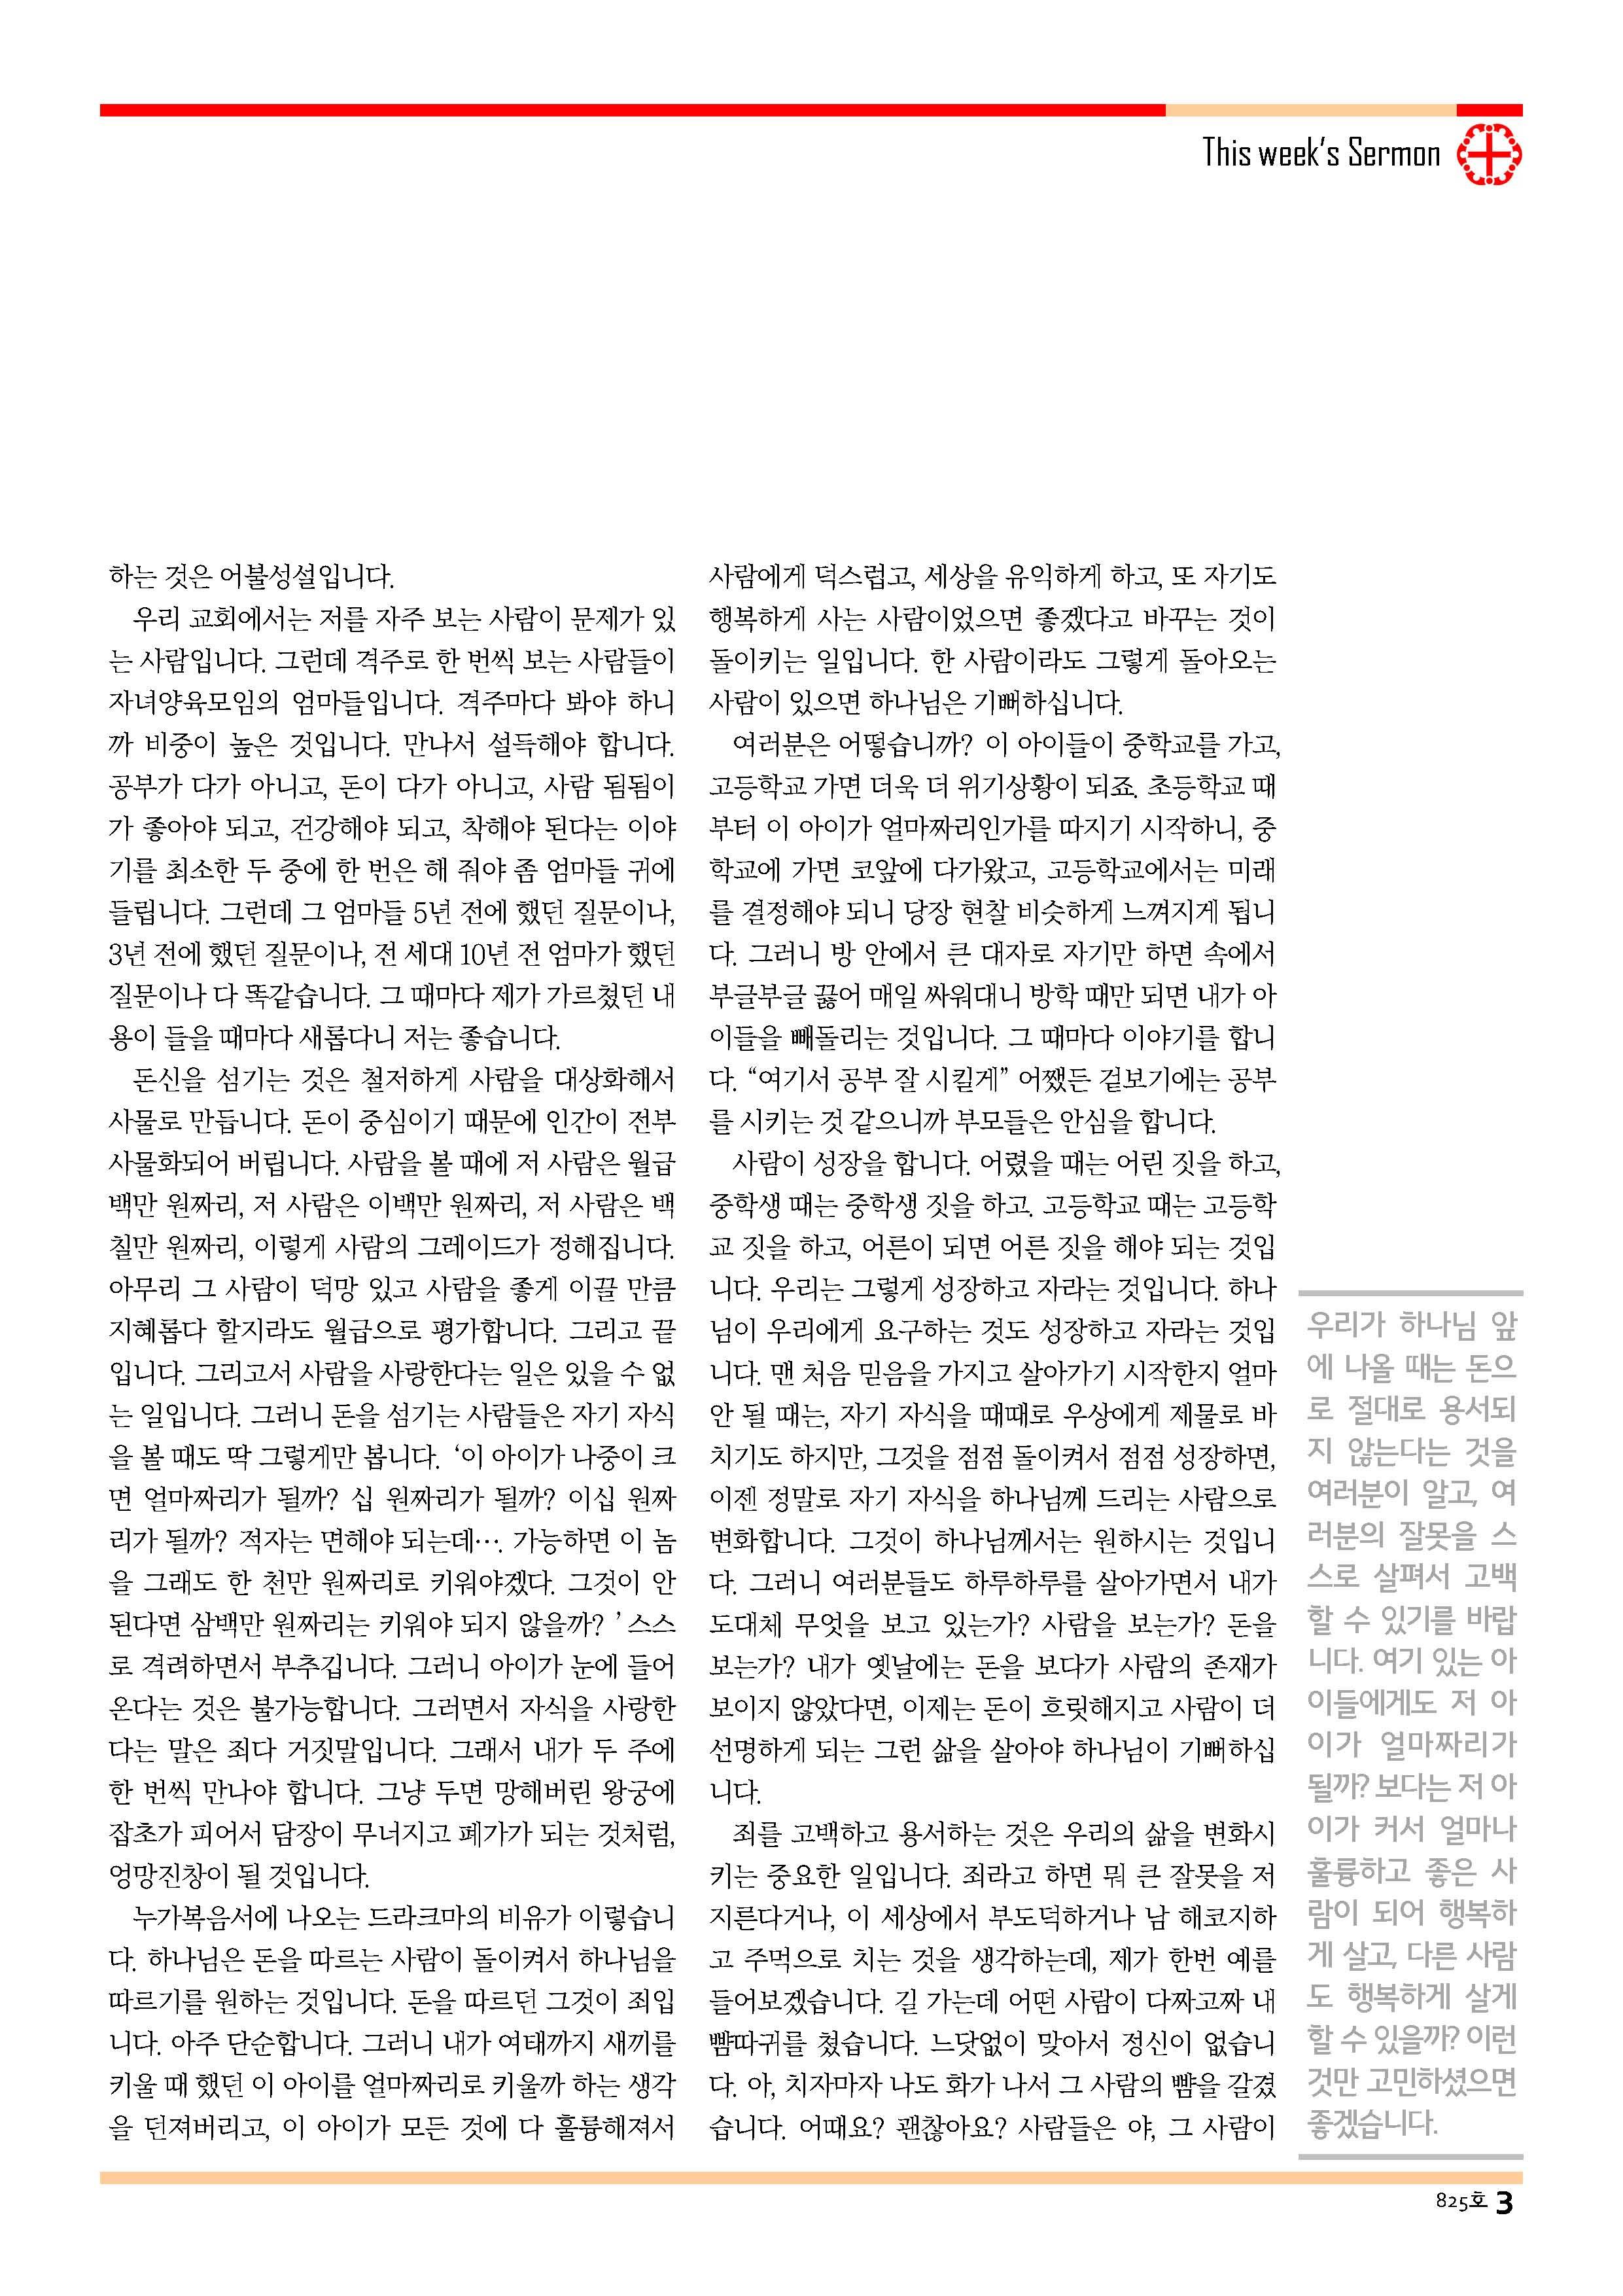 13sdjb0818_Page_03.jpg